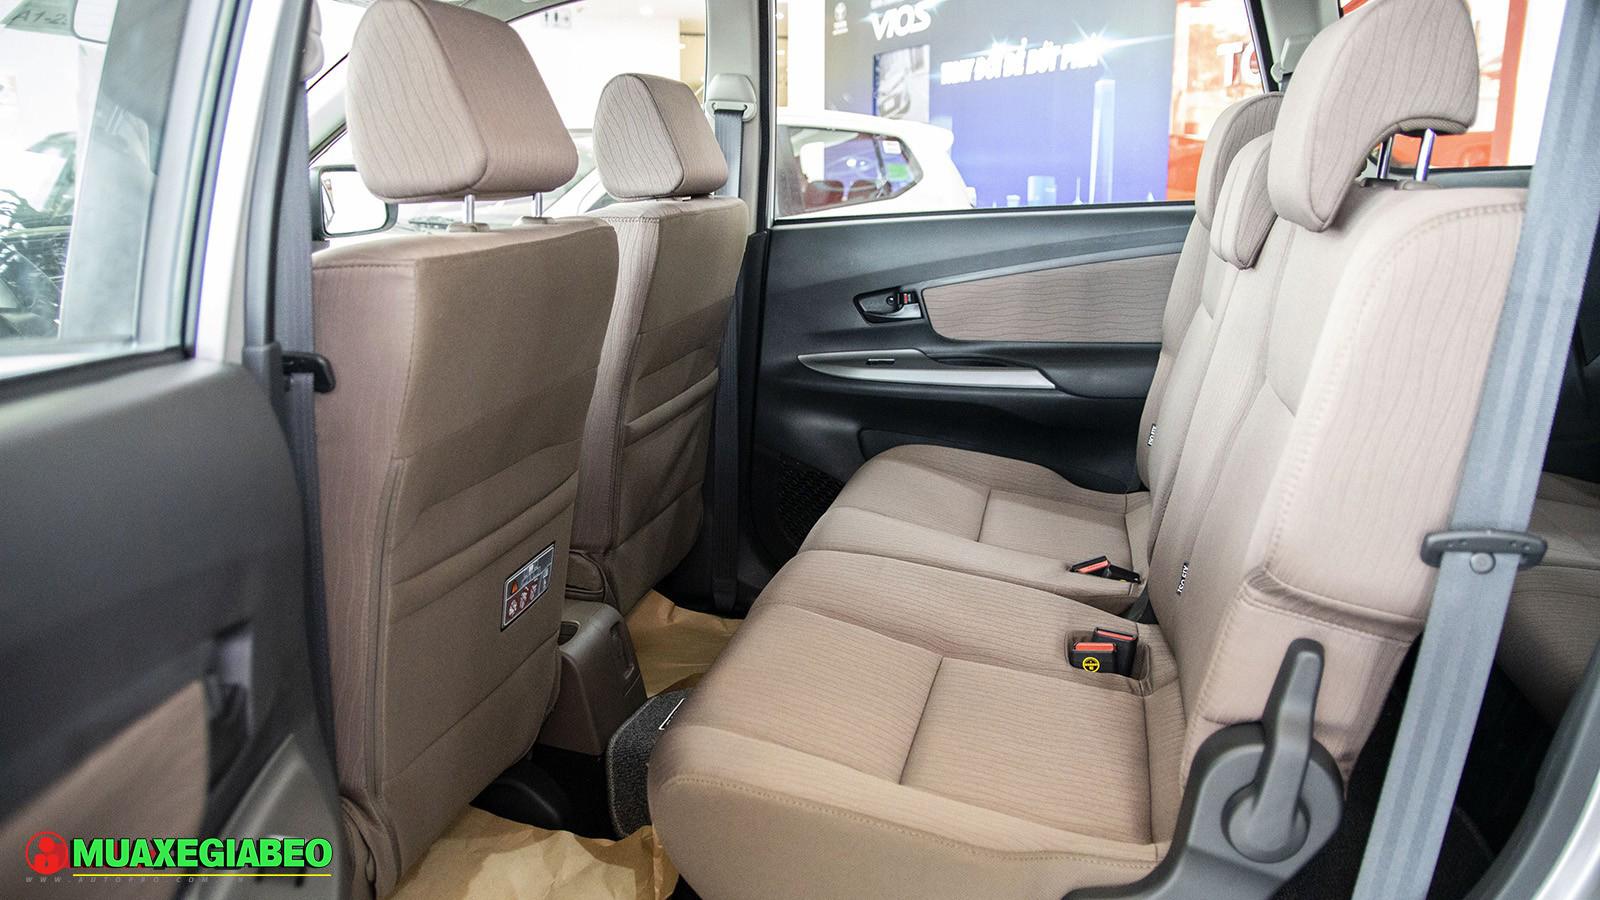 Đánh giá xe Toyota Avanza ảnh 22 - Toyota Avanza: thông số và giá xe tháng [hienthithang]